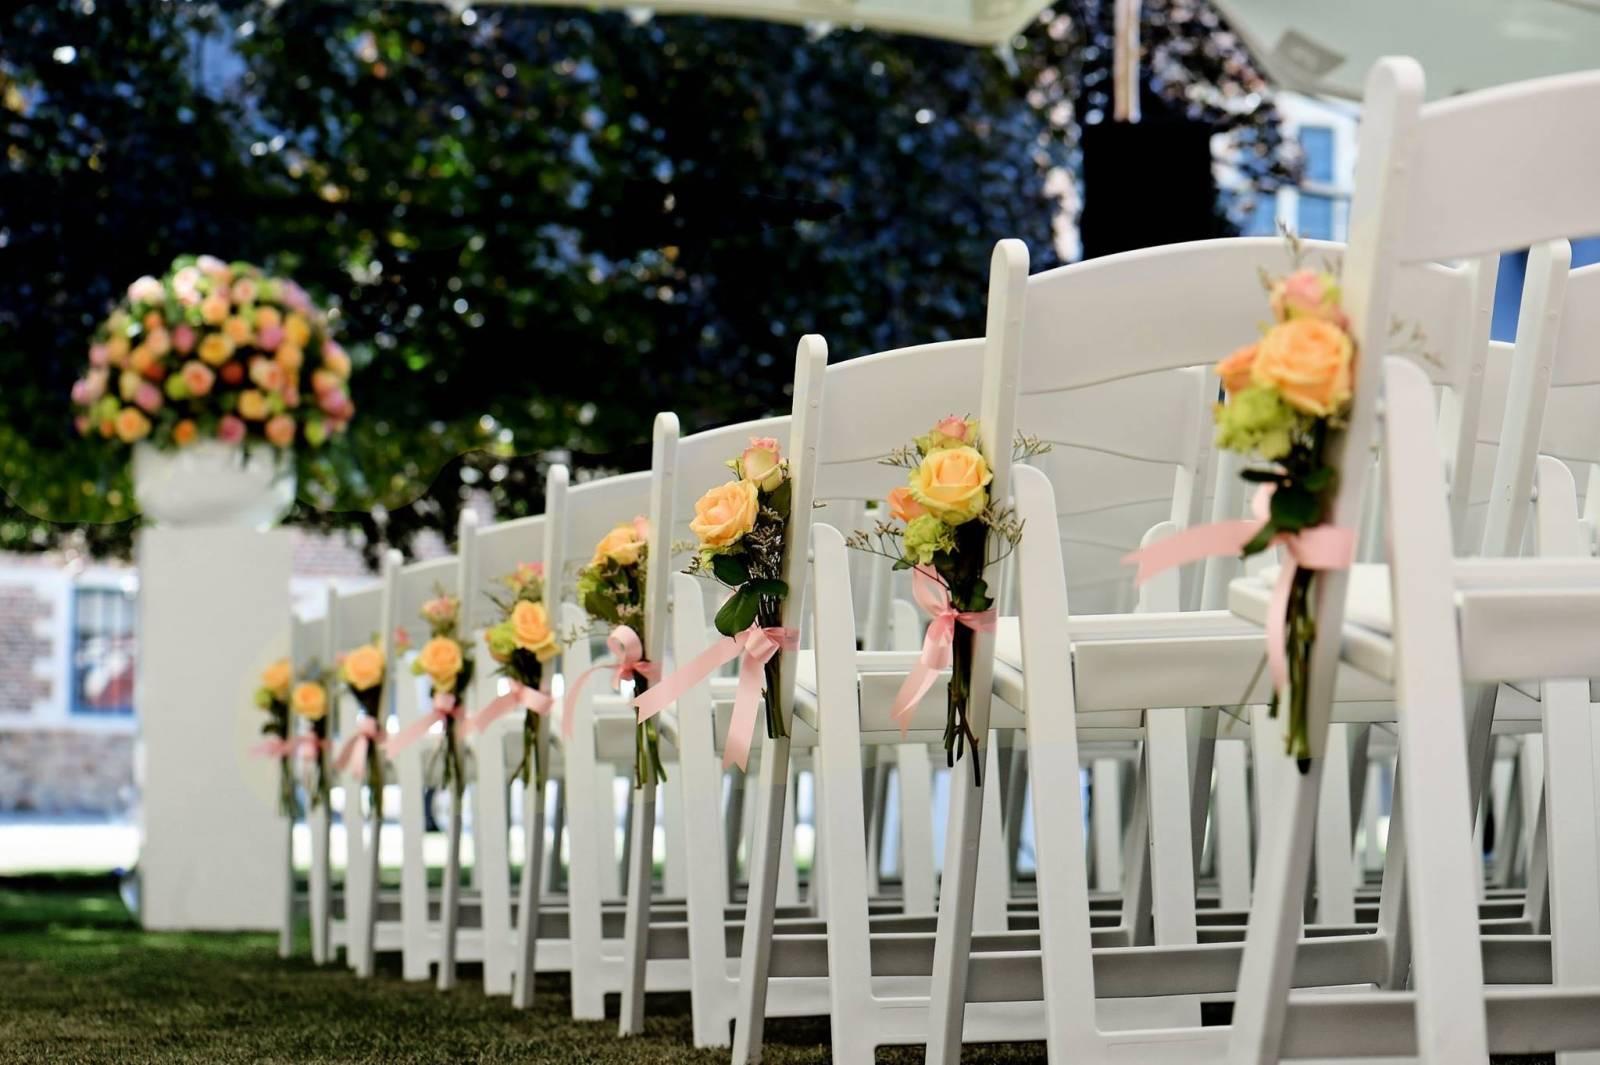 Feestverhuur Van Rompaey - Decoratie - Trouwdecoratie - House of Weddings - 13